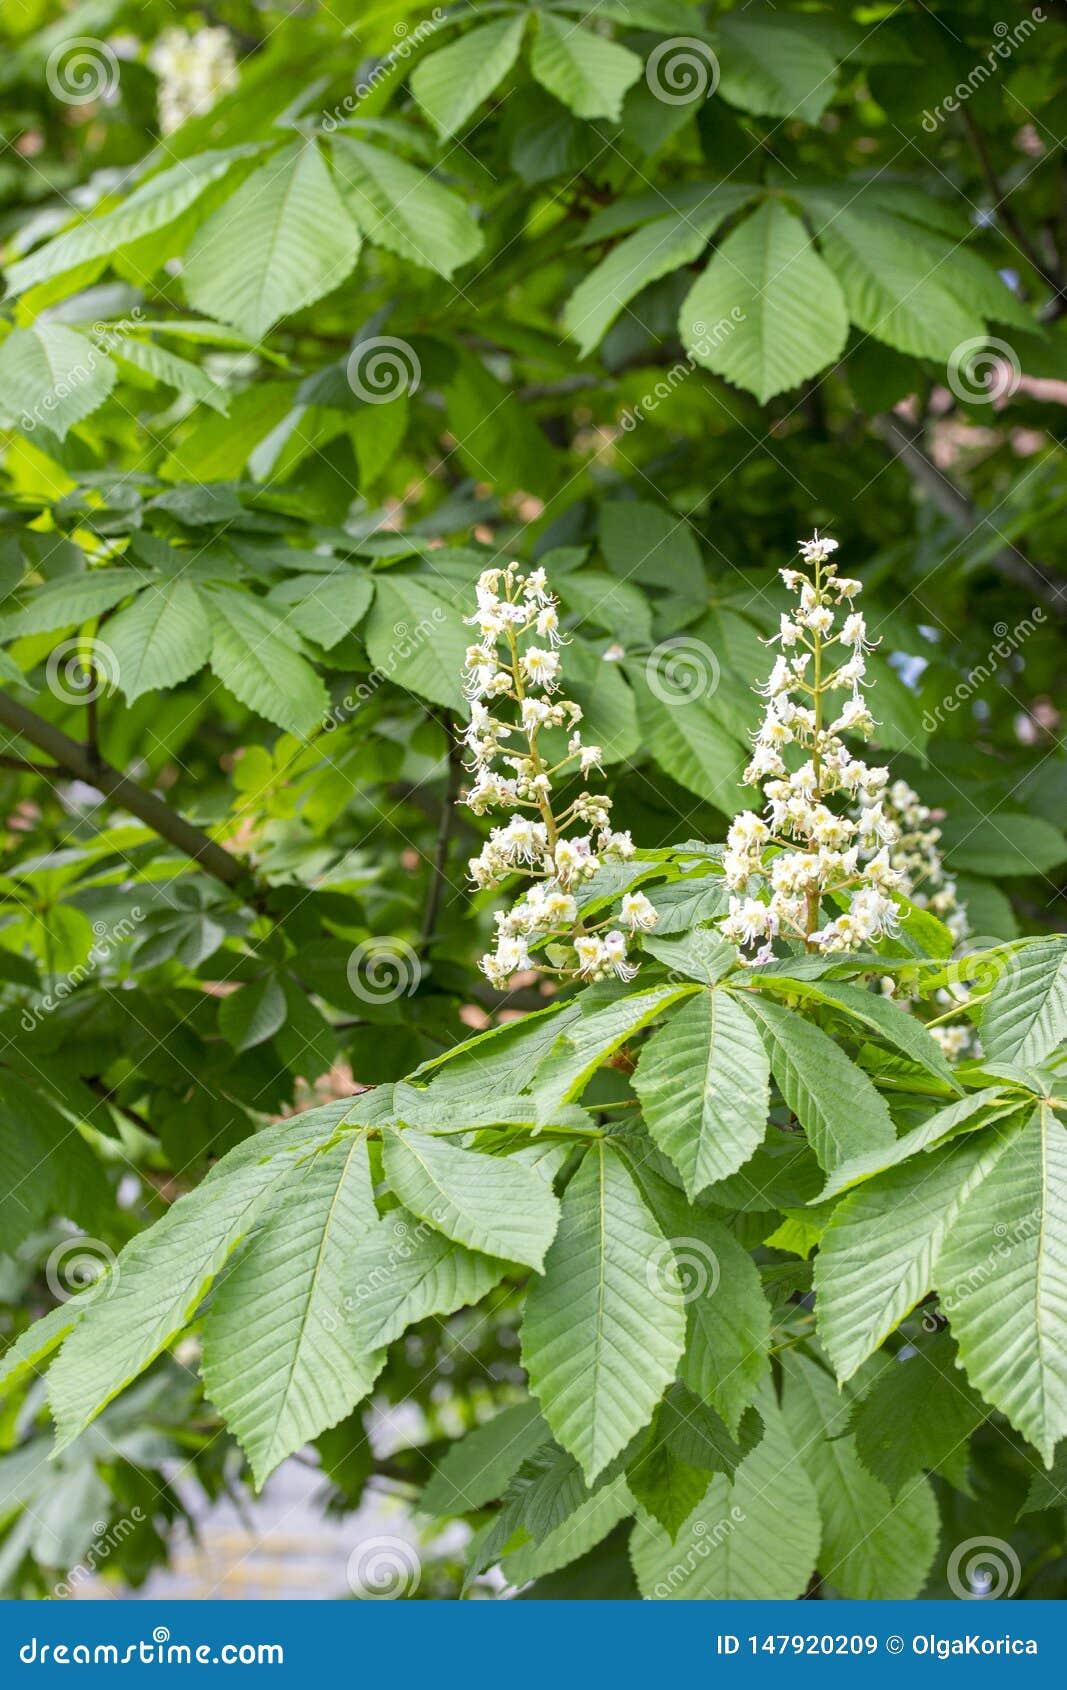 Kwitnący kasztan, biel rożków świeczka kasztanów kwiaty, jajnik końskiego kasztanu owoc, kwiatów i liści